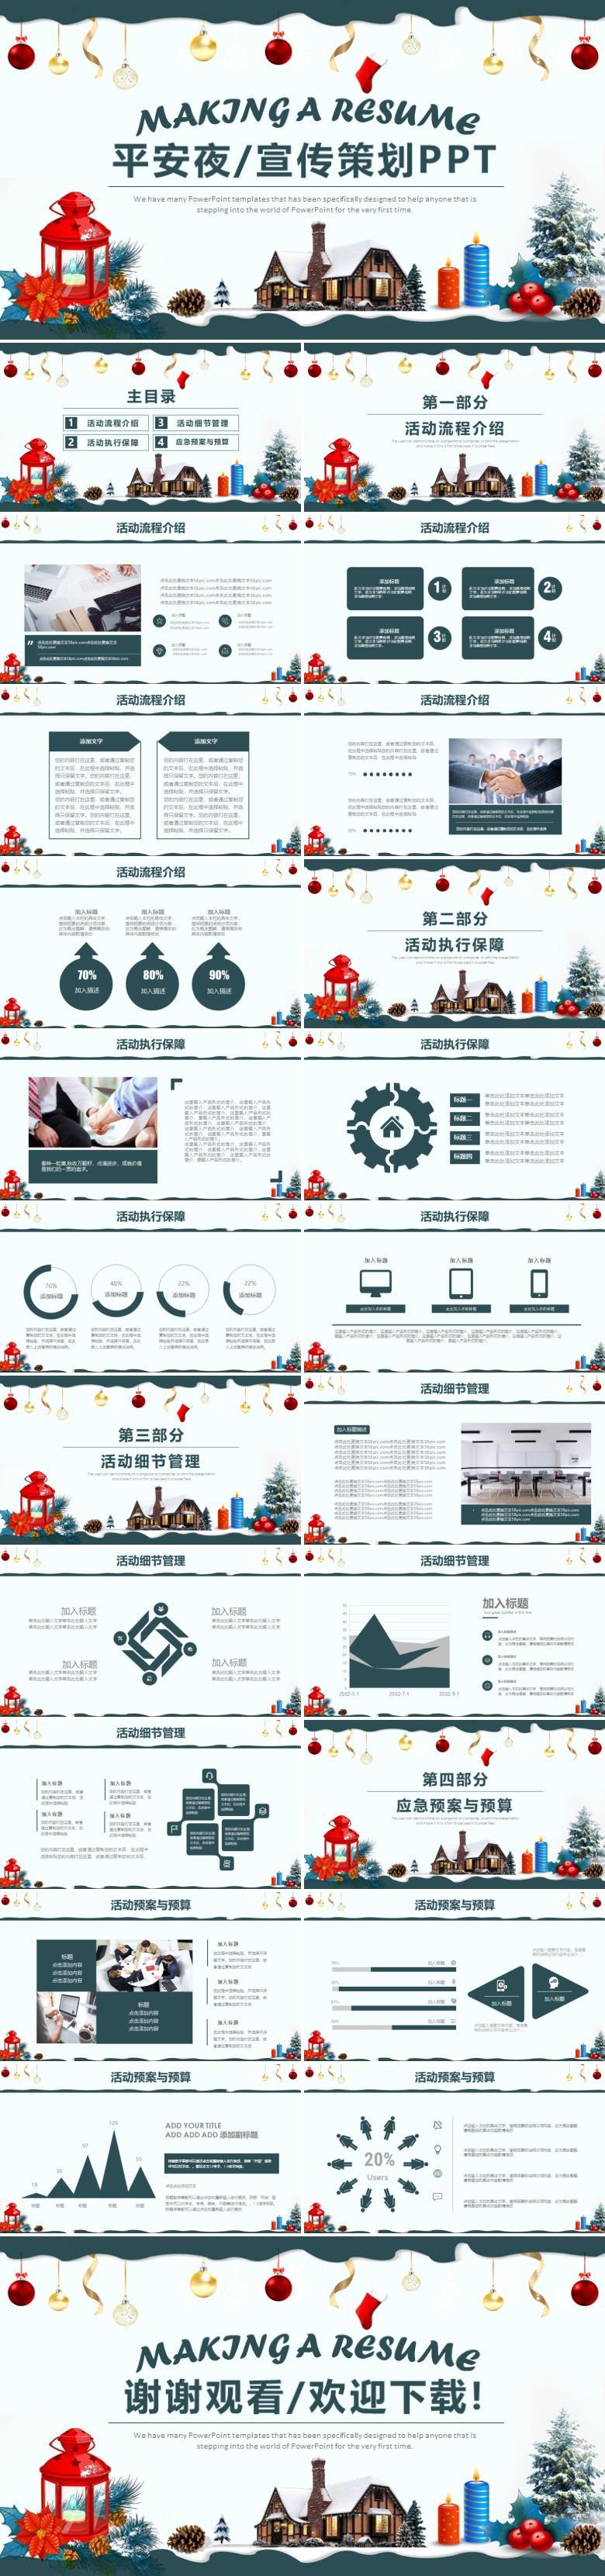 圣诞节平安夜宣传策划PPT模板_1.jpg